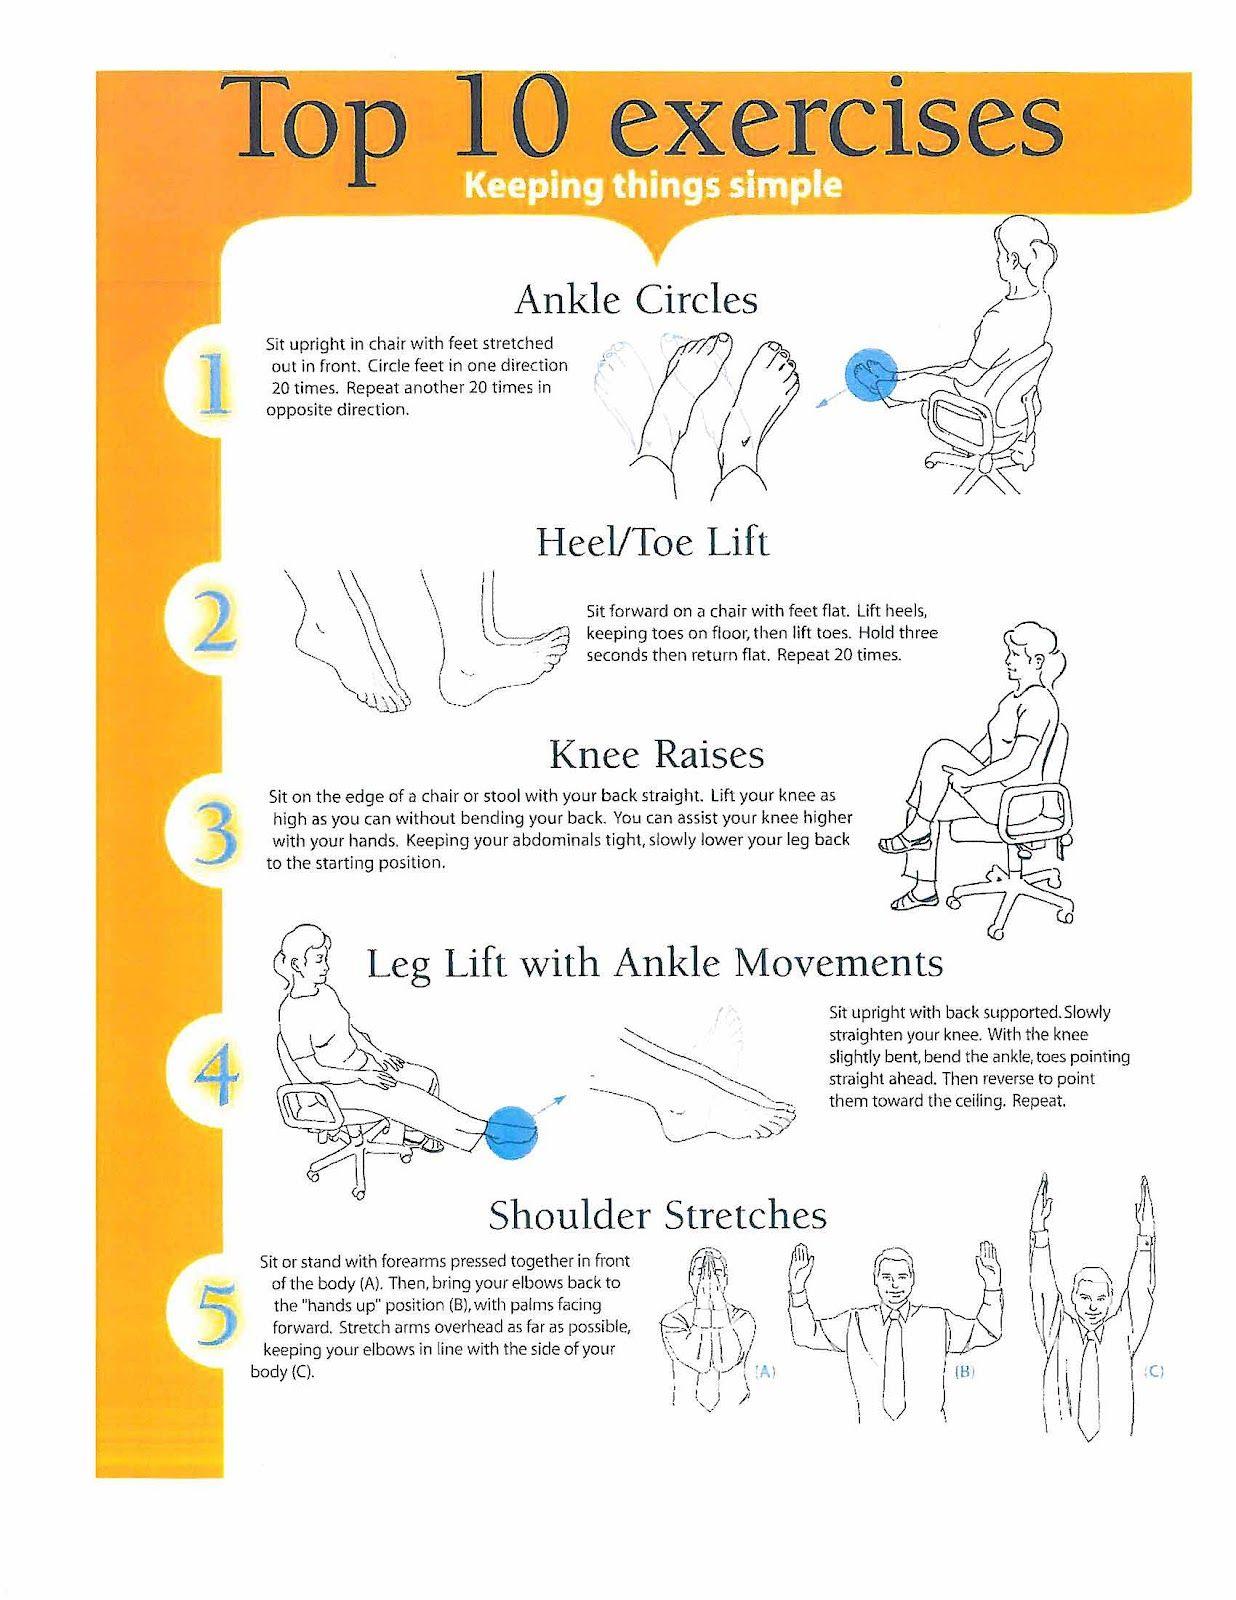 Chair exercise for seniors - Chronic Illness